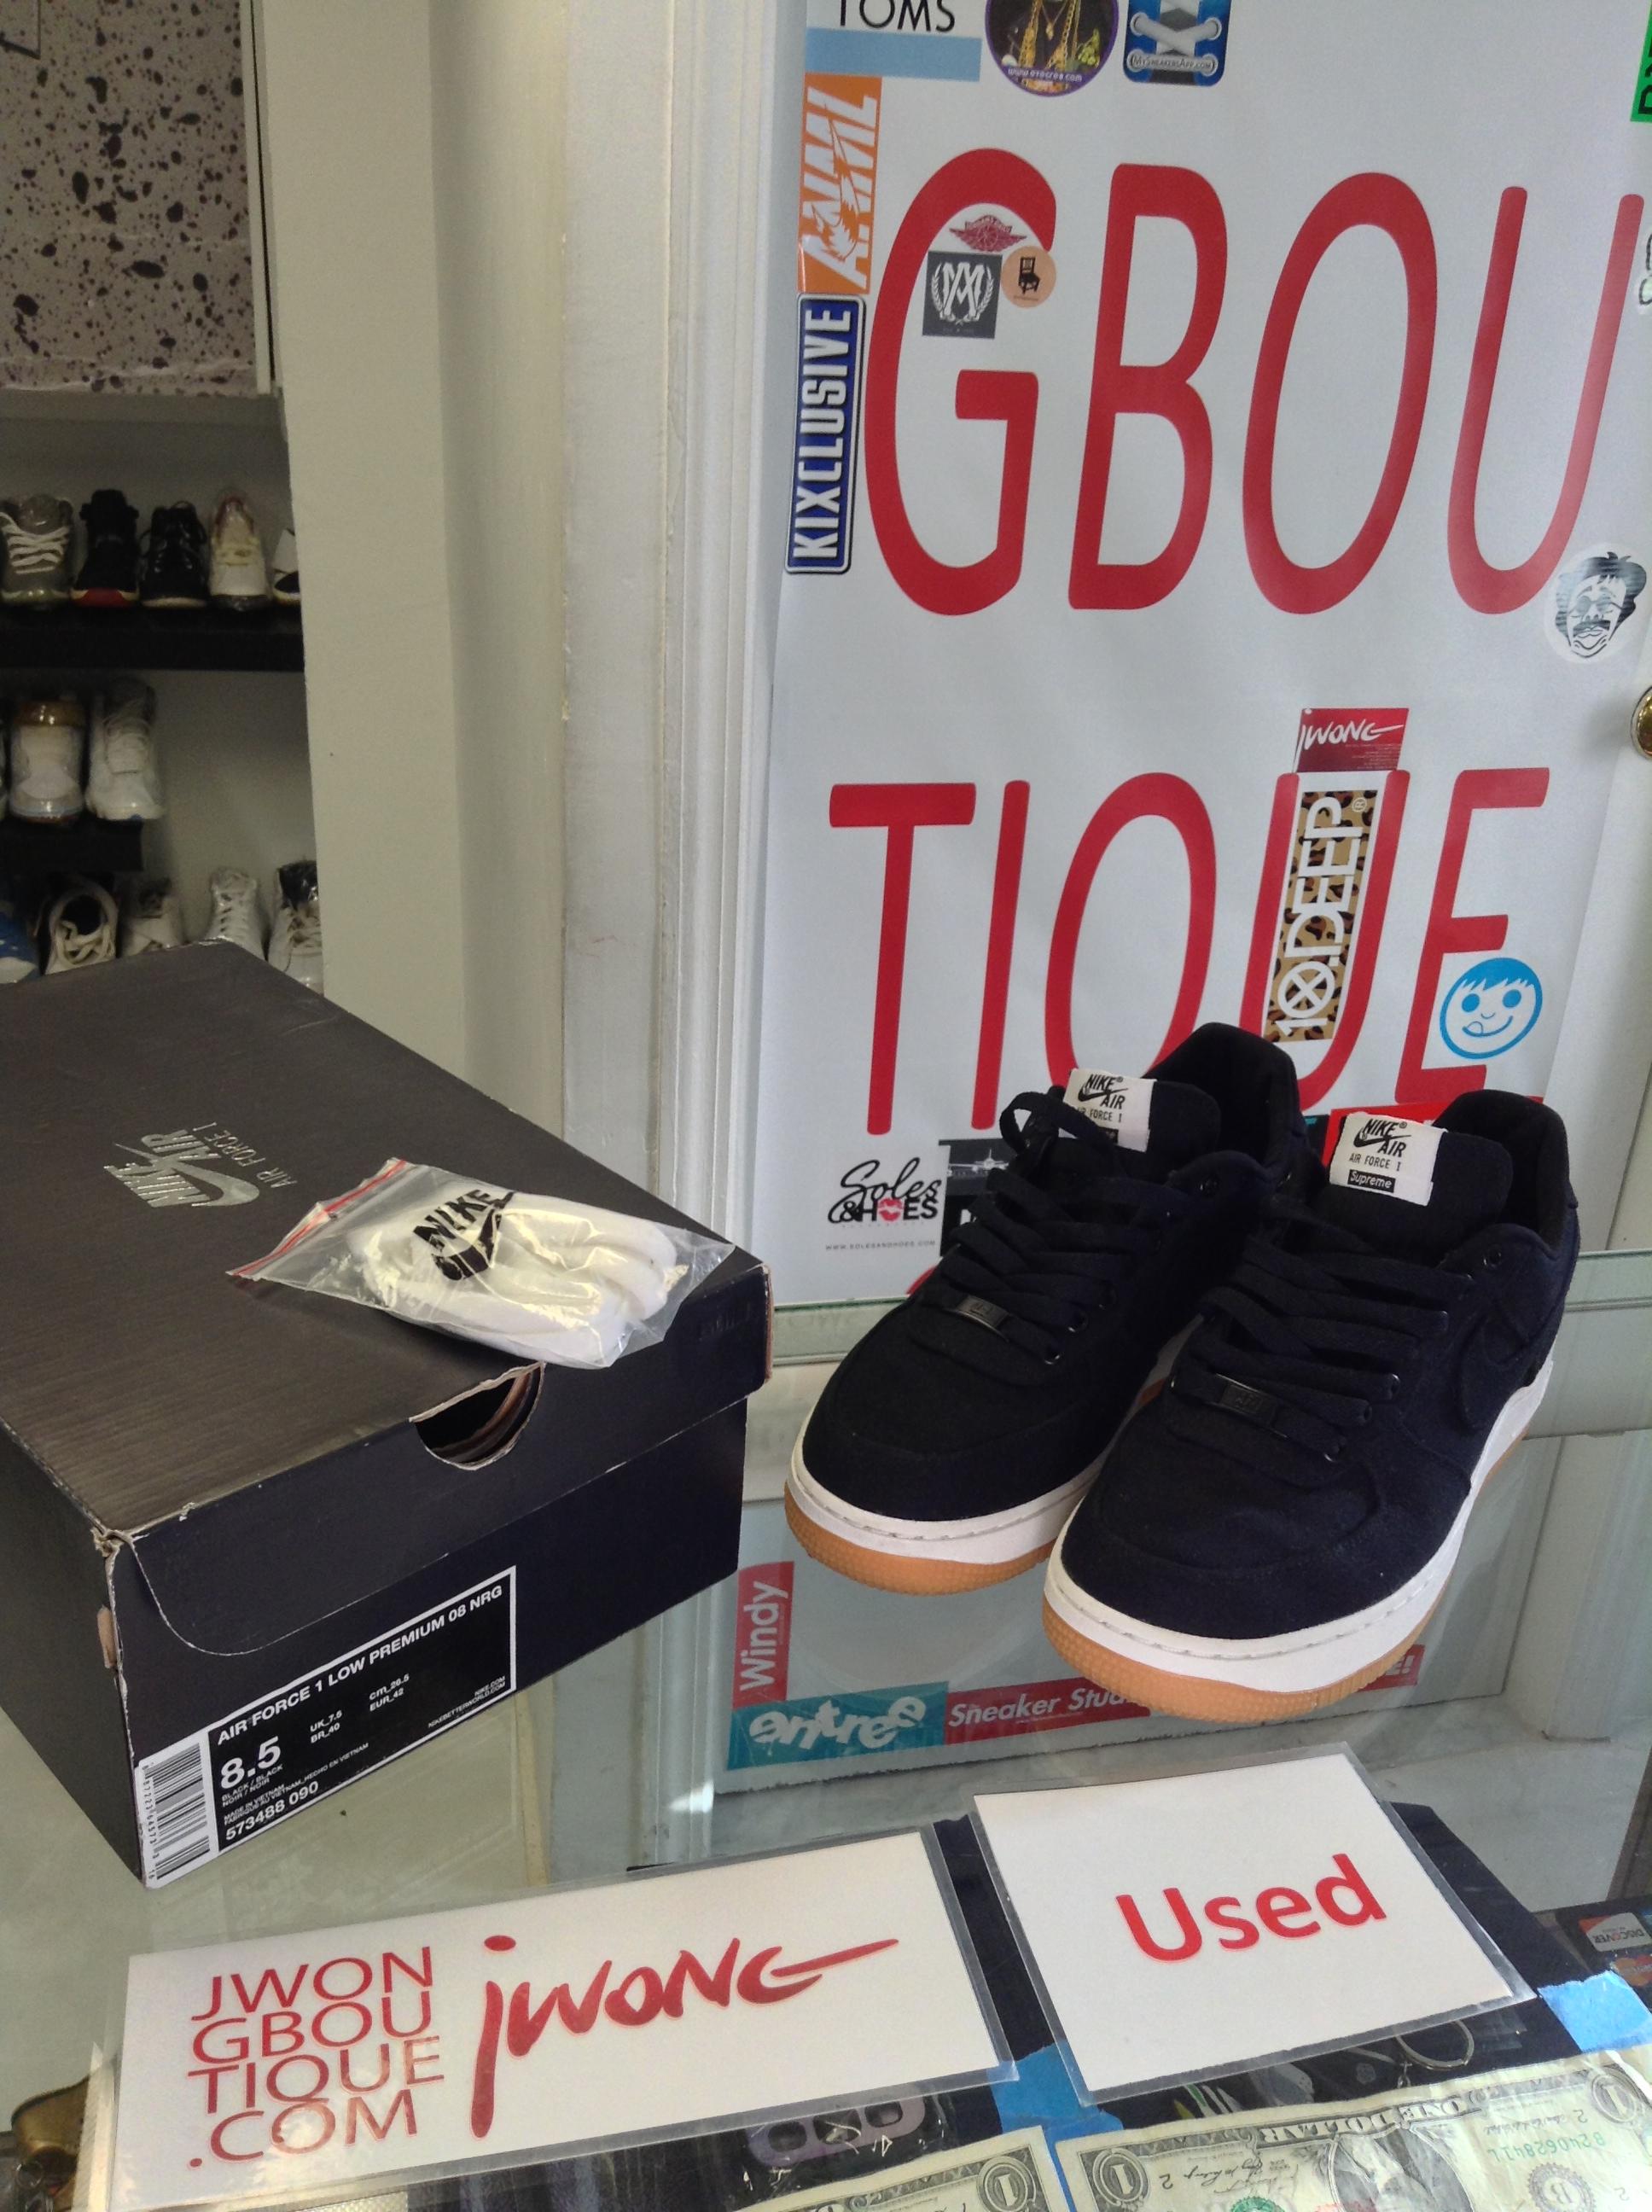 d244cbdc84 2012 Nike Air Force 1 Low Supreme Black Canvas | Jwong Boutique